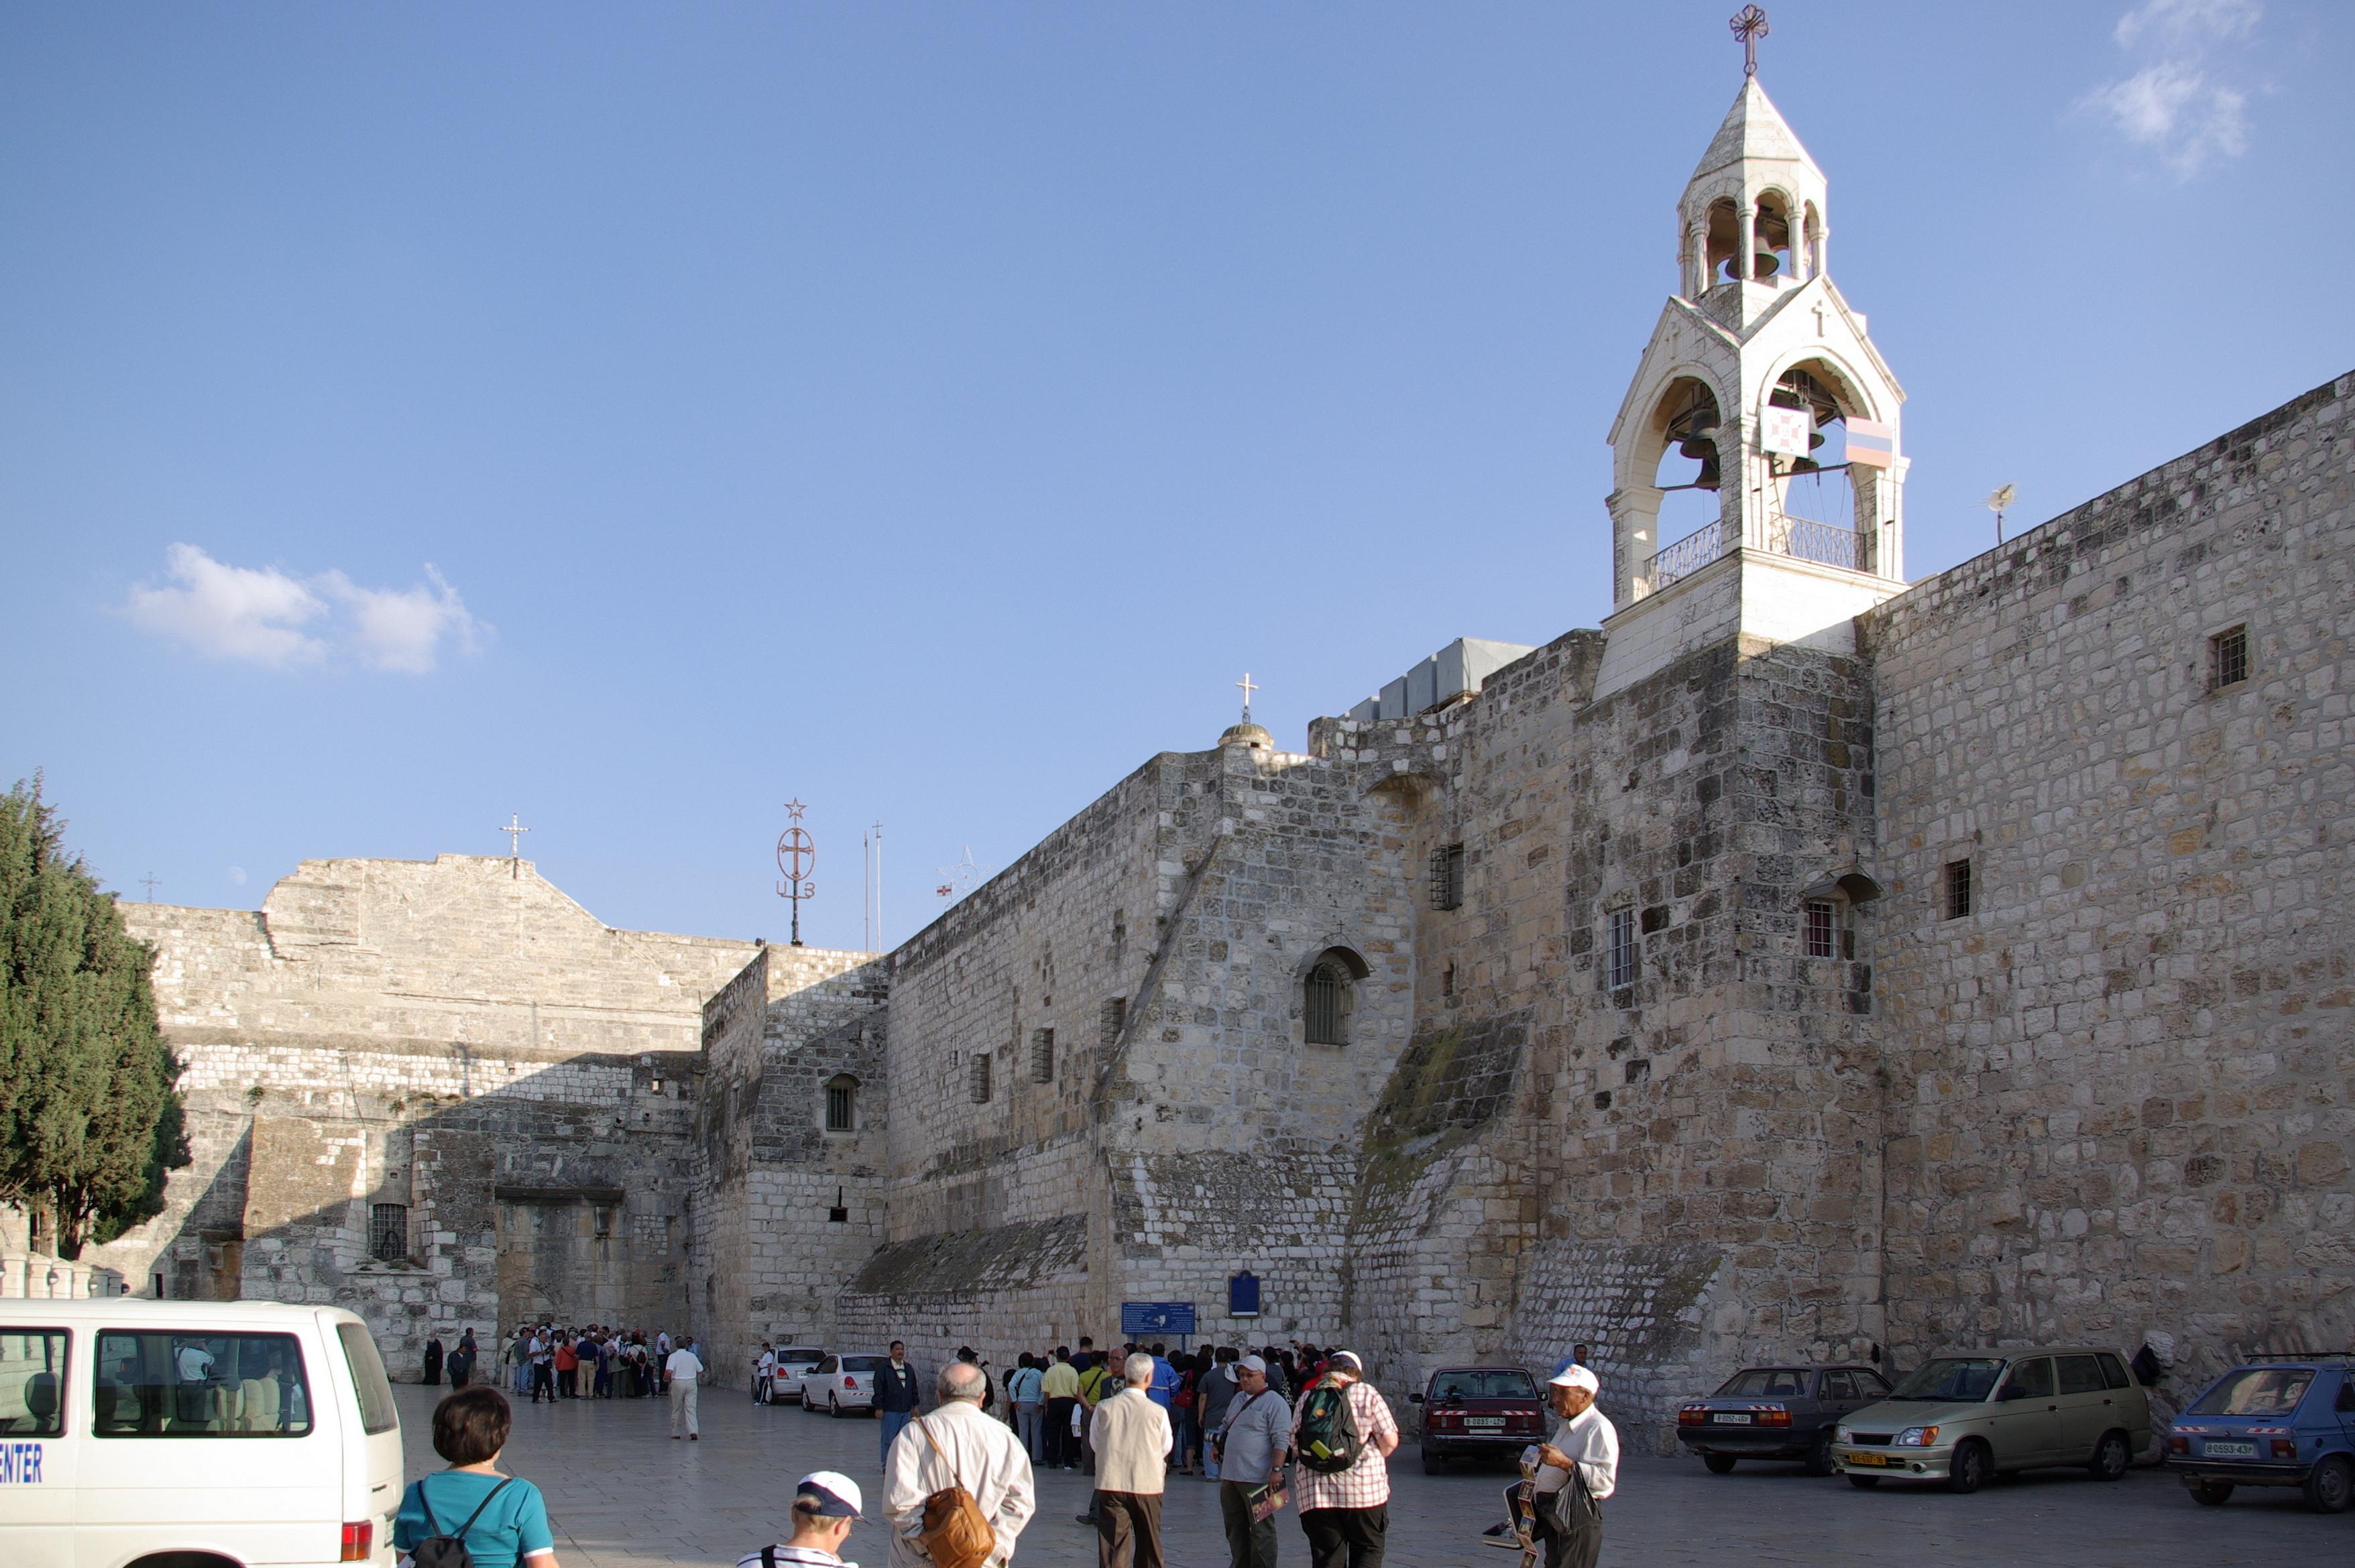 Geburtskirche in Bethlehem. (Quelle: Berthold Werner via Wikimedia Commons, gemeinfrei)